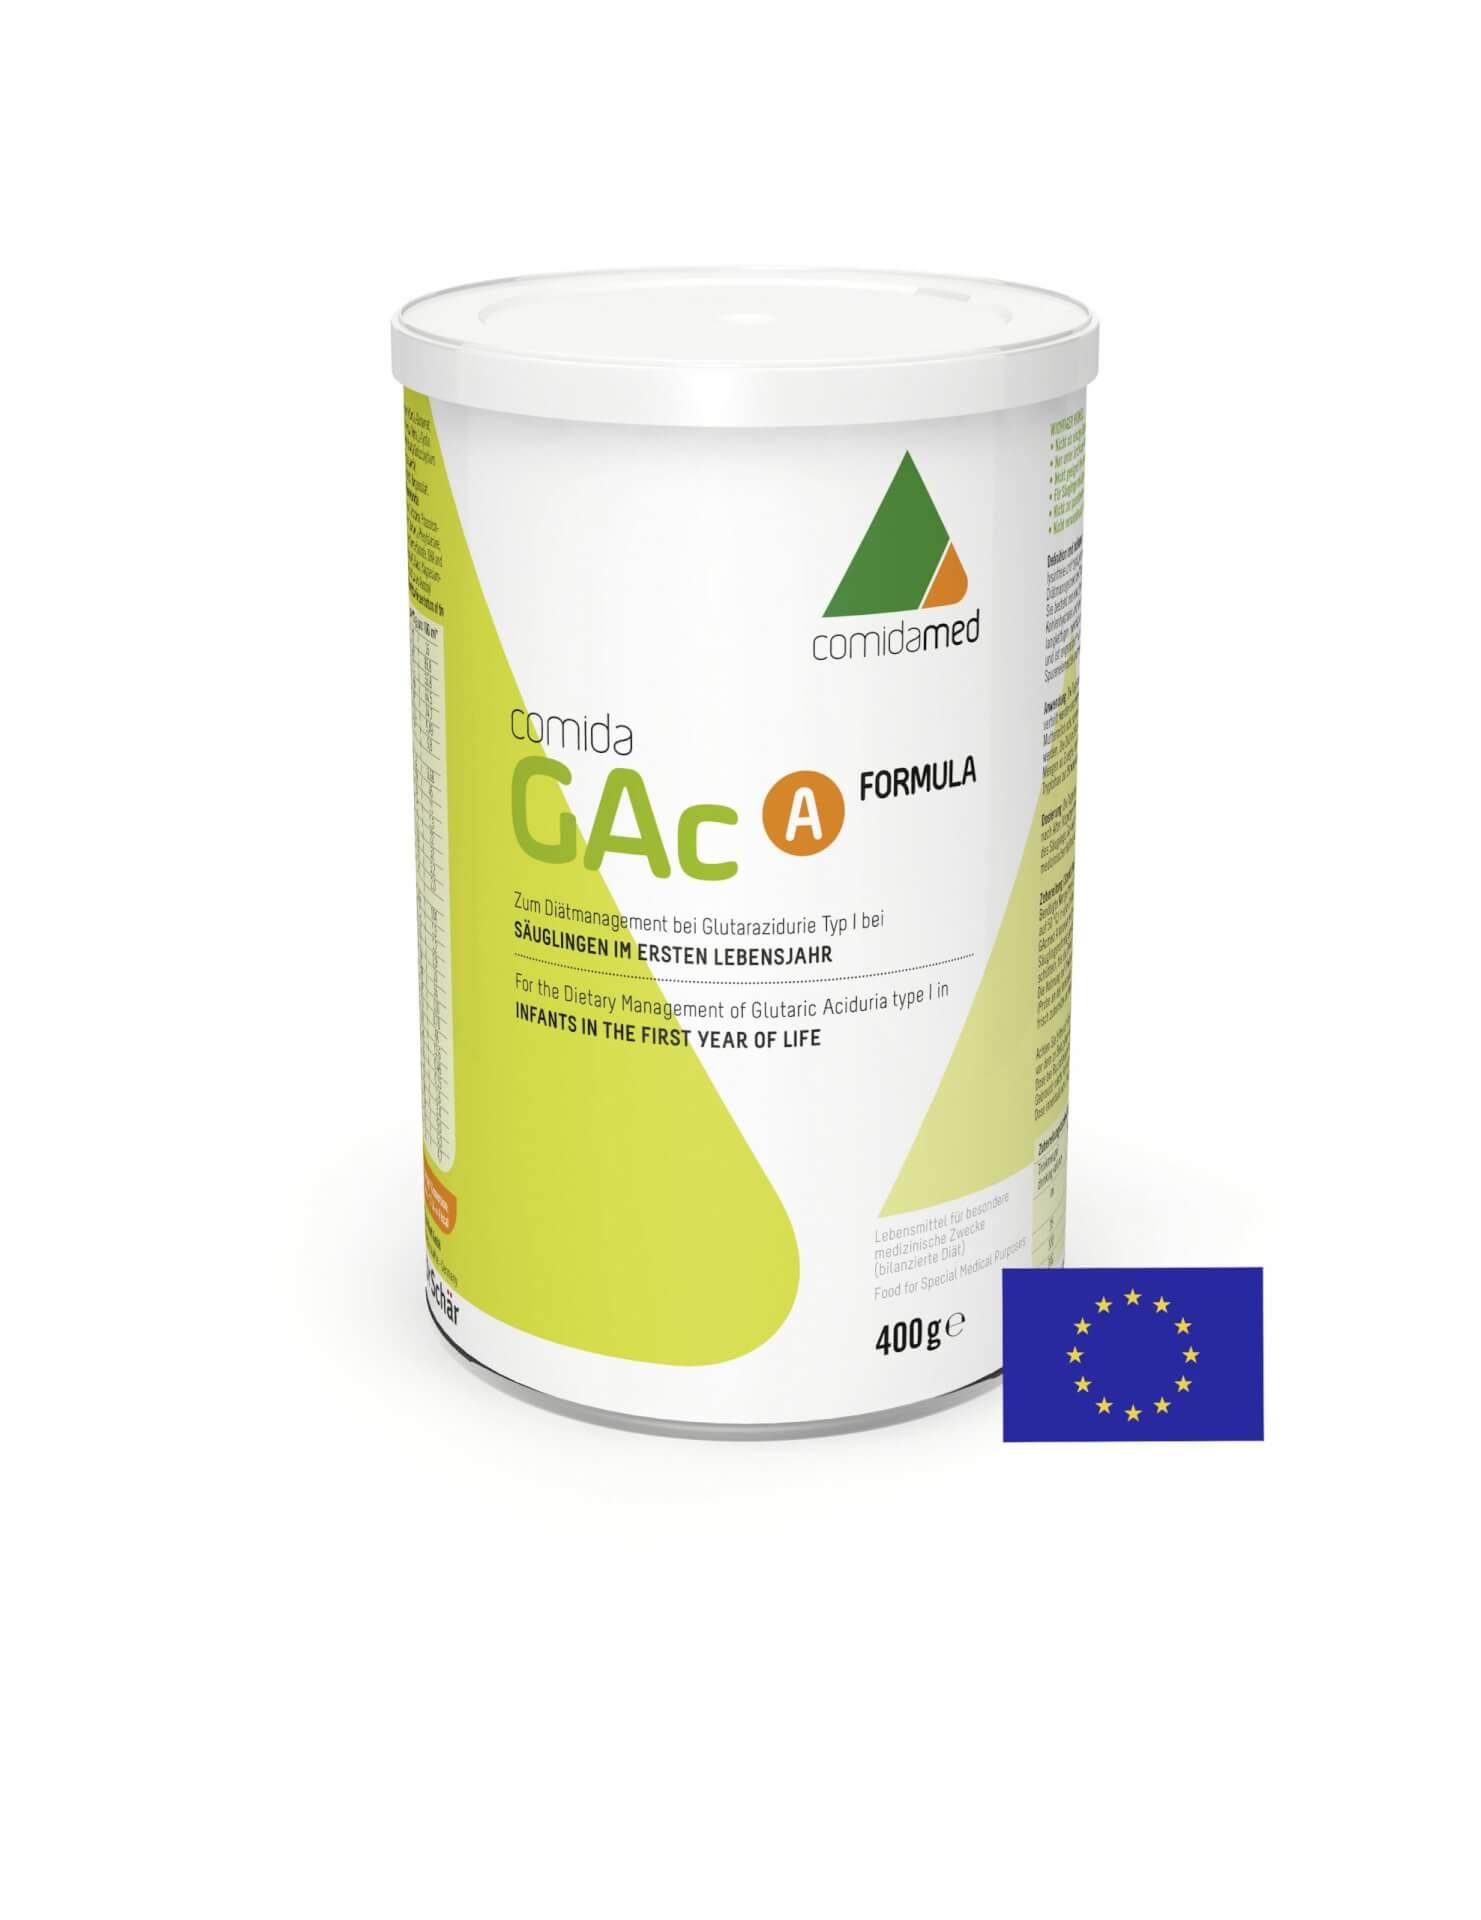 comida-GAc A FORMULA (EU)